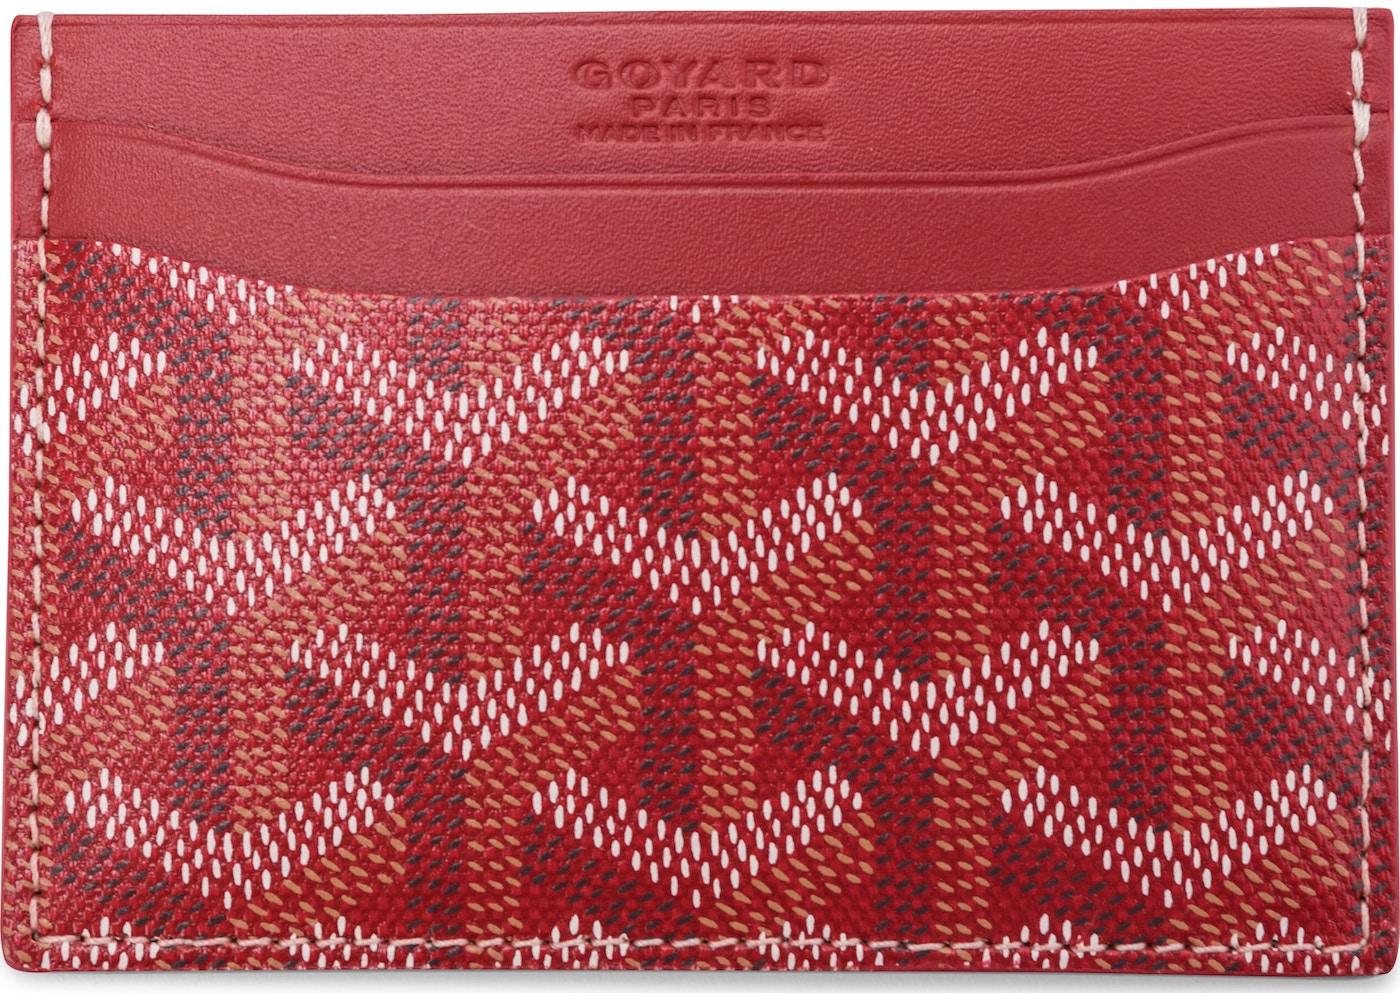 super popular 25a85 3c46b Goyard Saint Sulpice Card Holder Goyardine Red